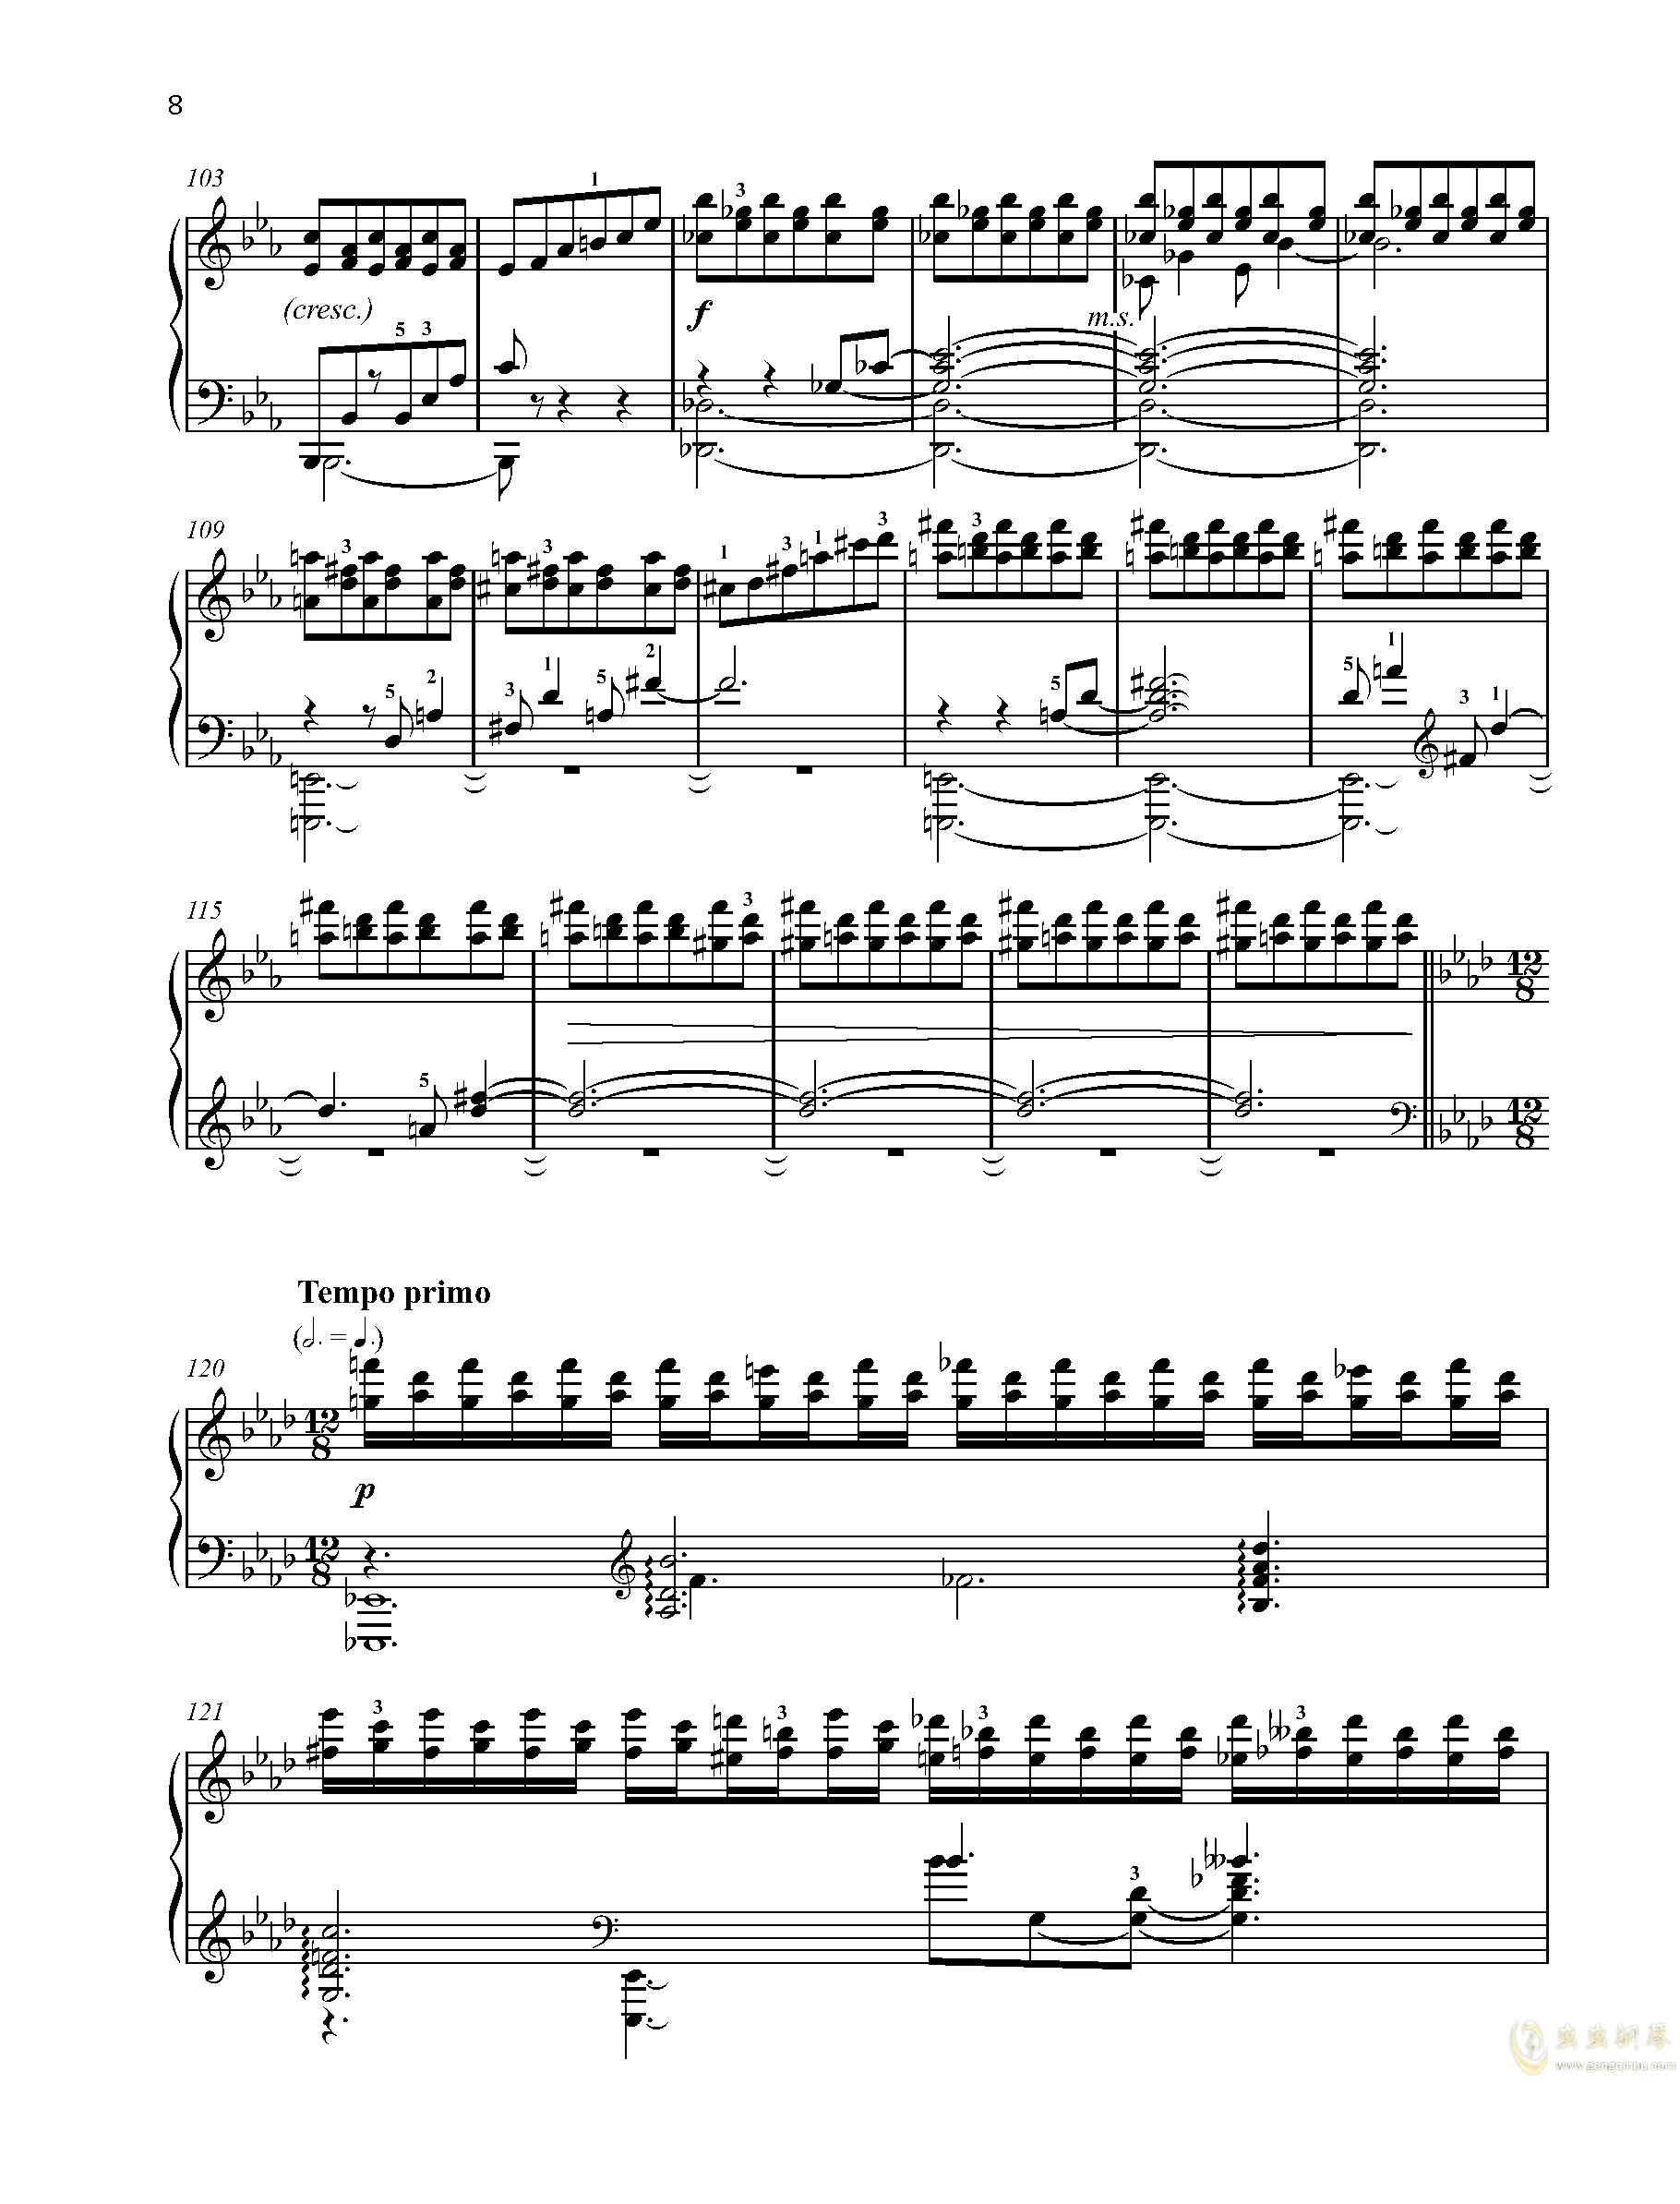 【爵士】【带指法】尼古拉斯凯帕斯汀 八首音乐会练习曲 Eight Concert 钢琴谱 第8页